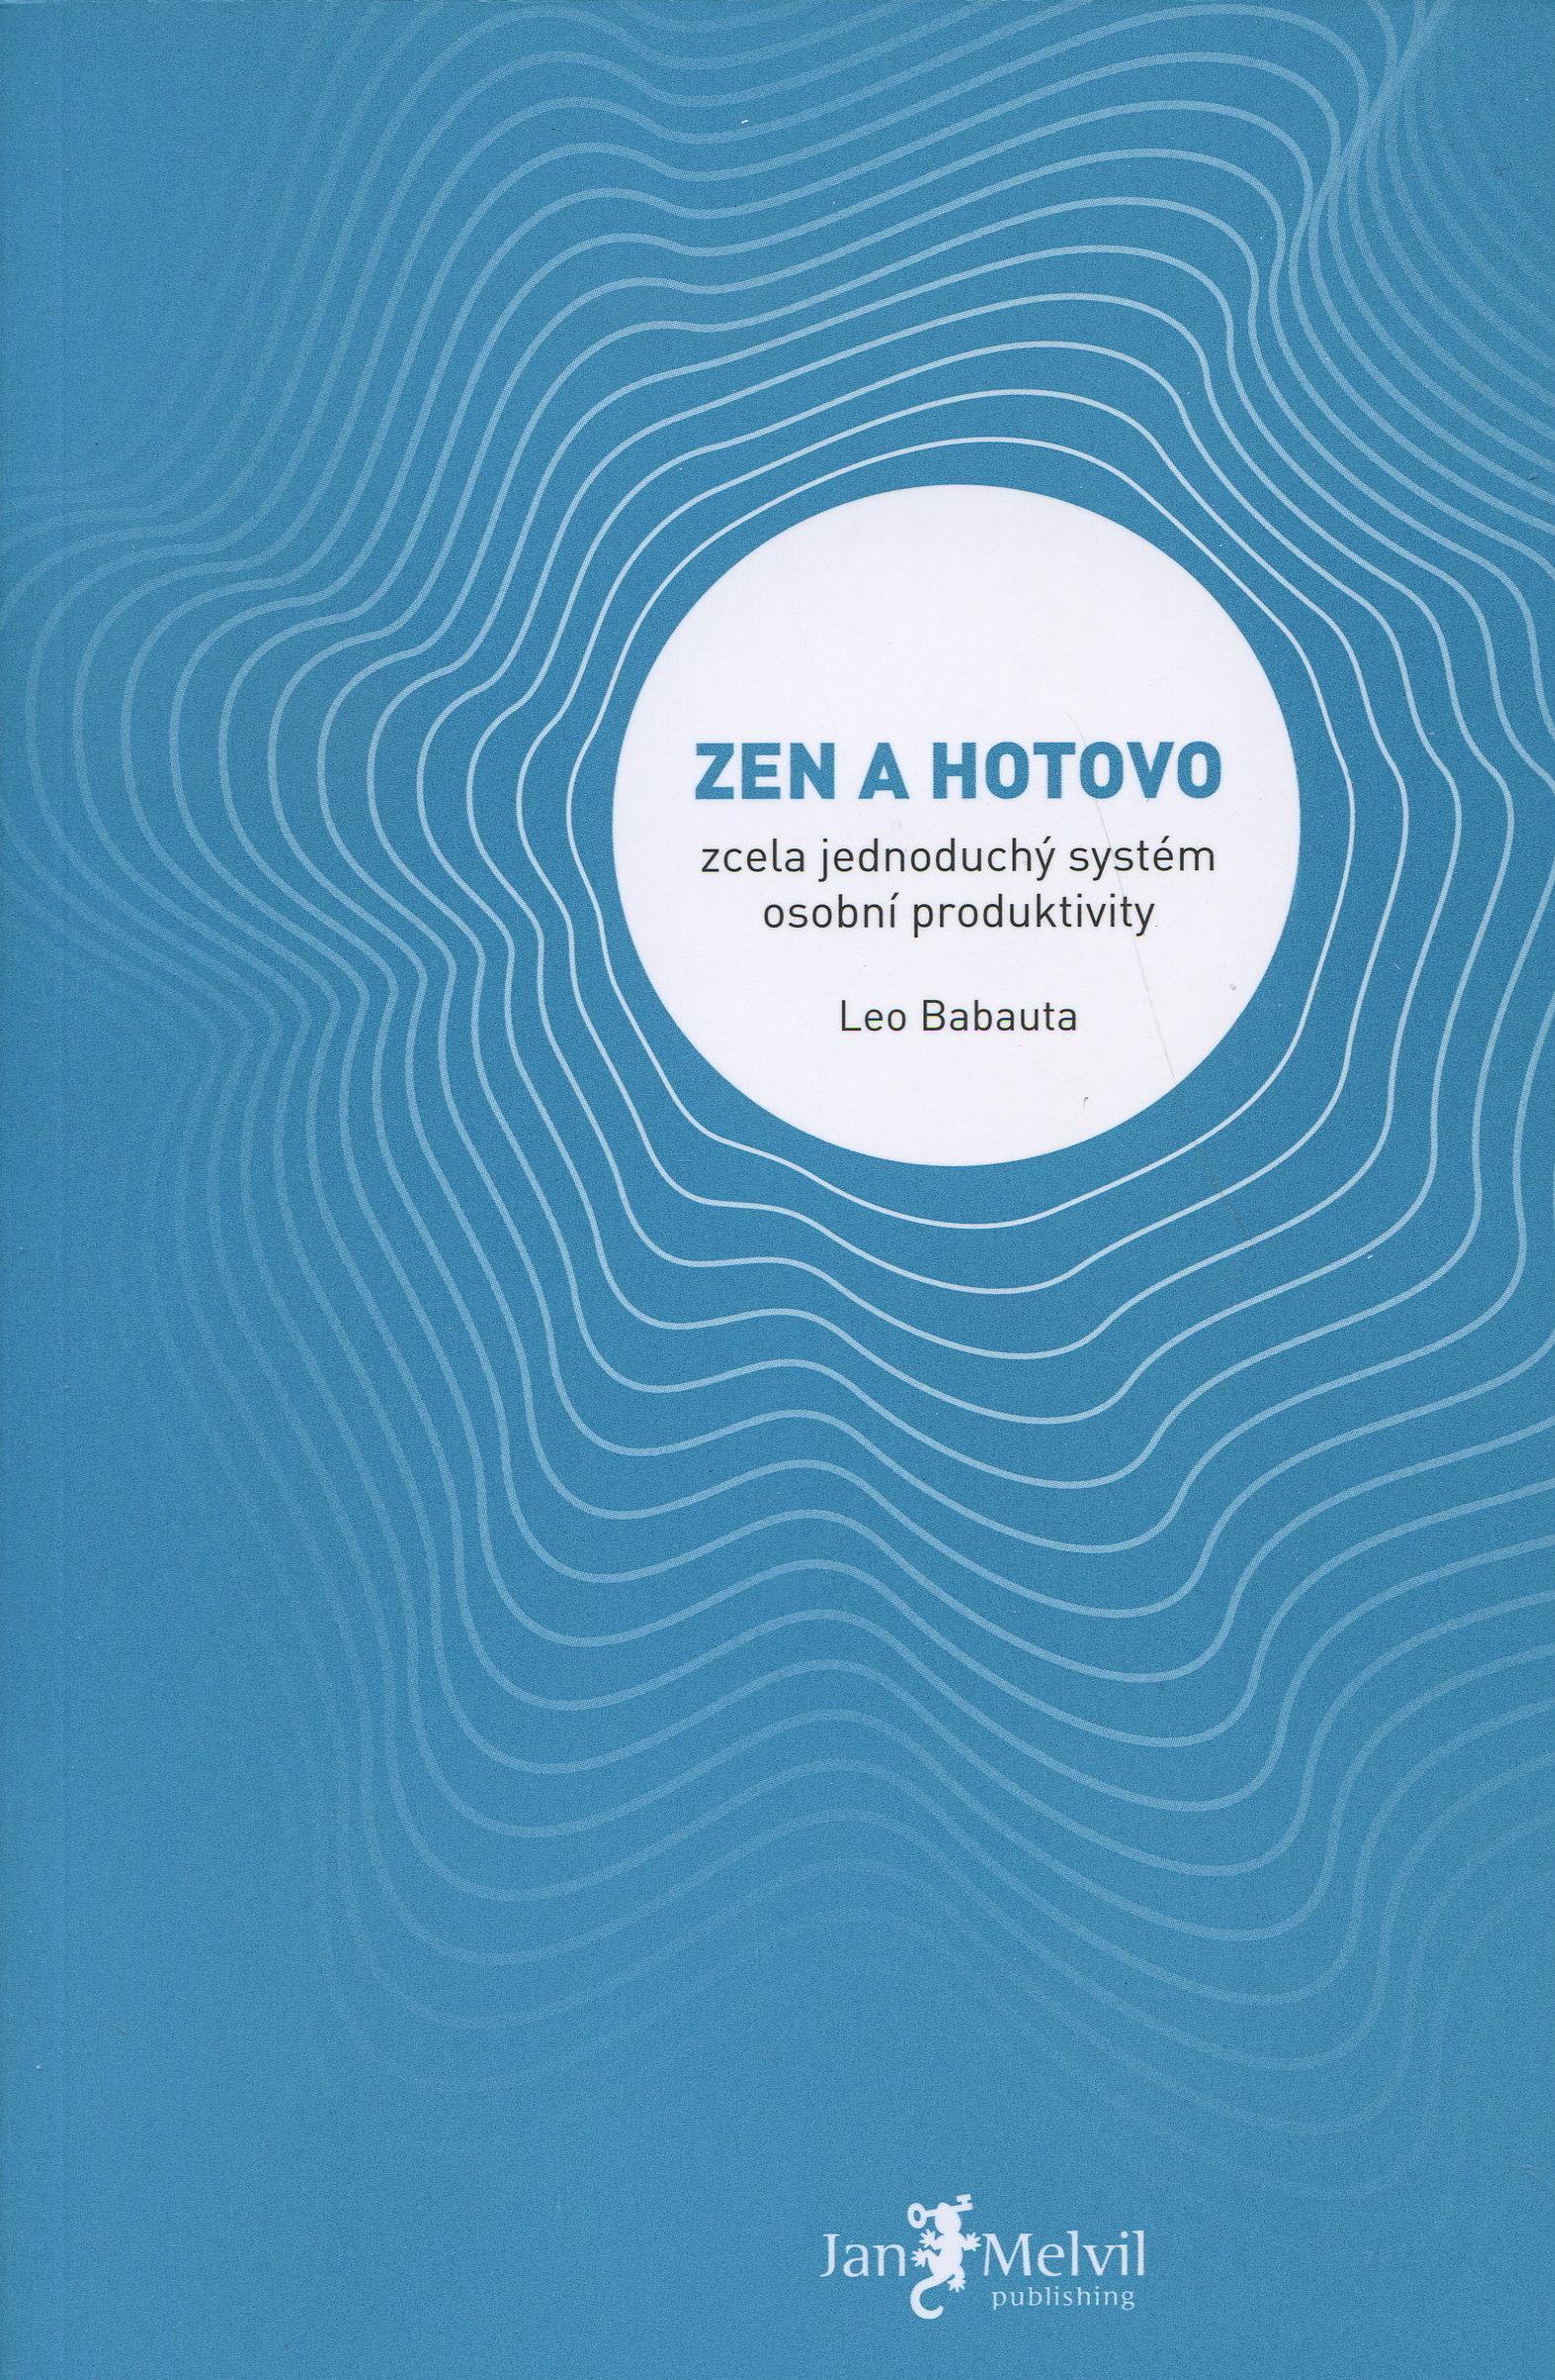 Zen a hotovo - zcela jednoduchý systém osobní produktivity